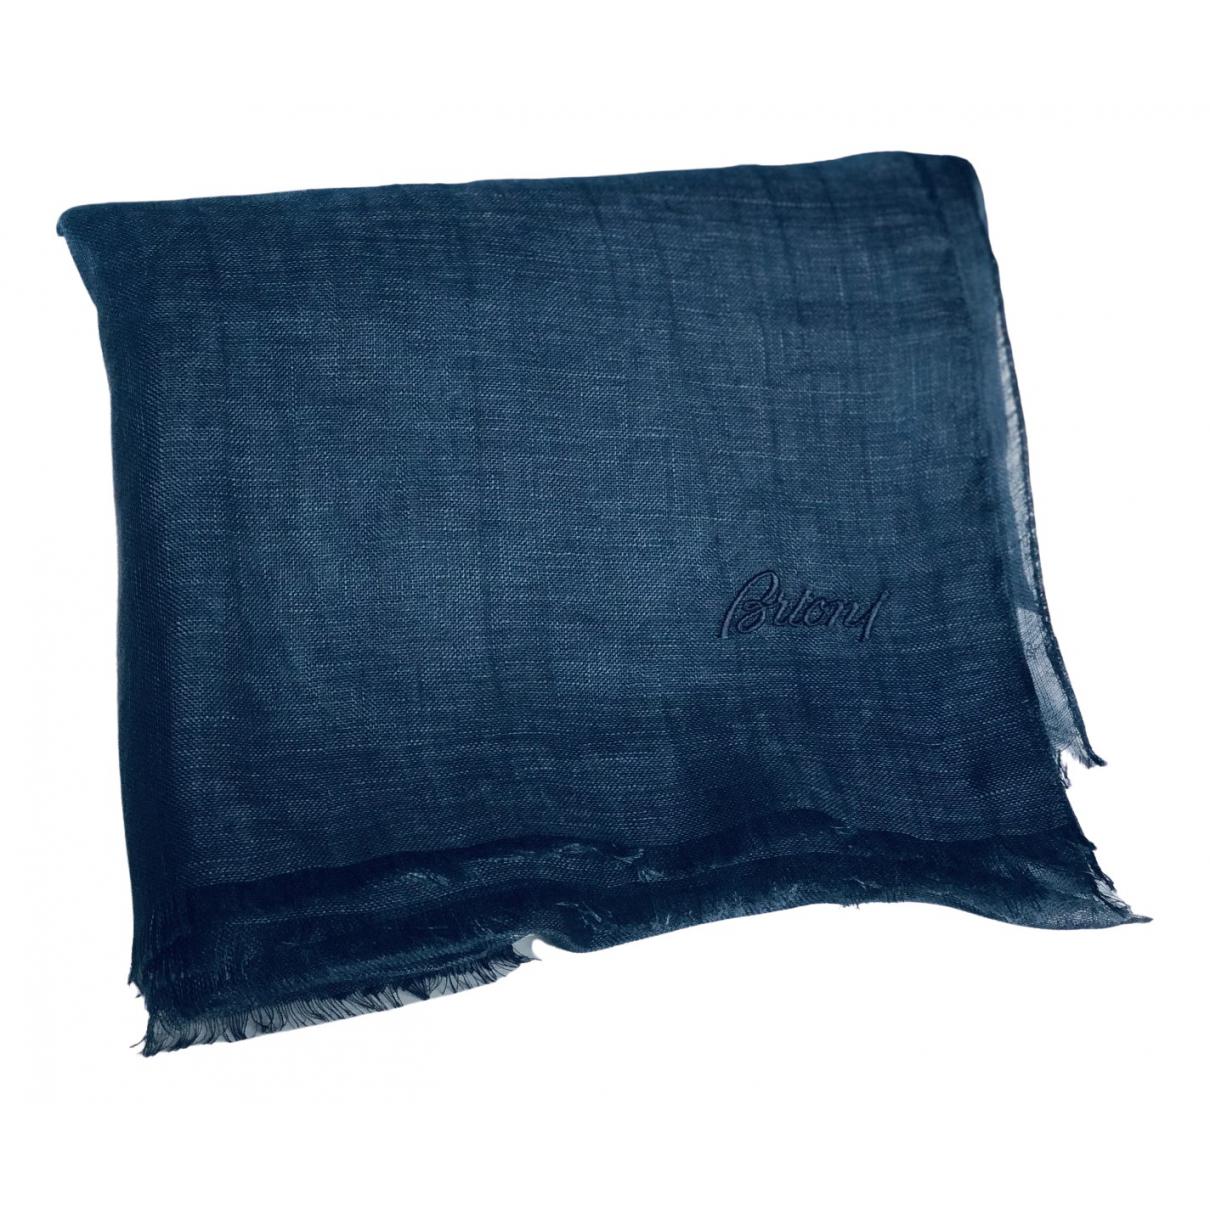 Brioni - Cheches.Echarpes   pour homme en lin - bleu